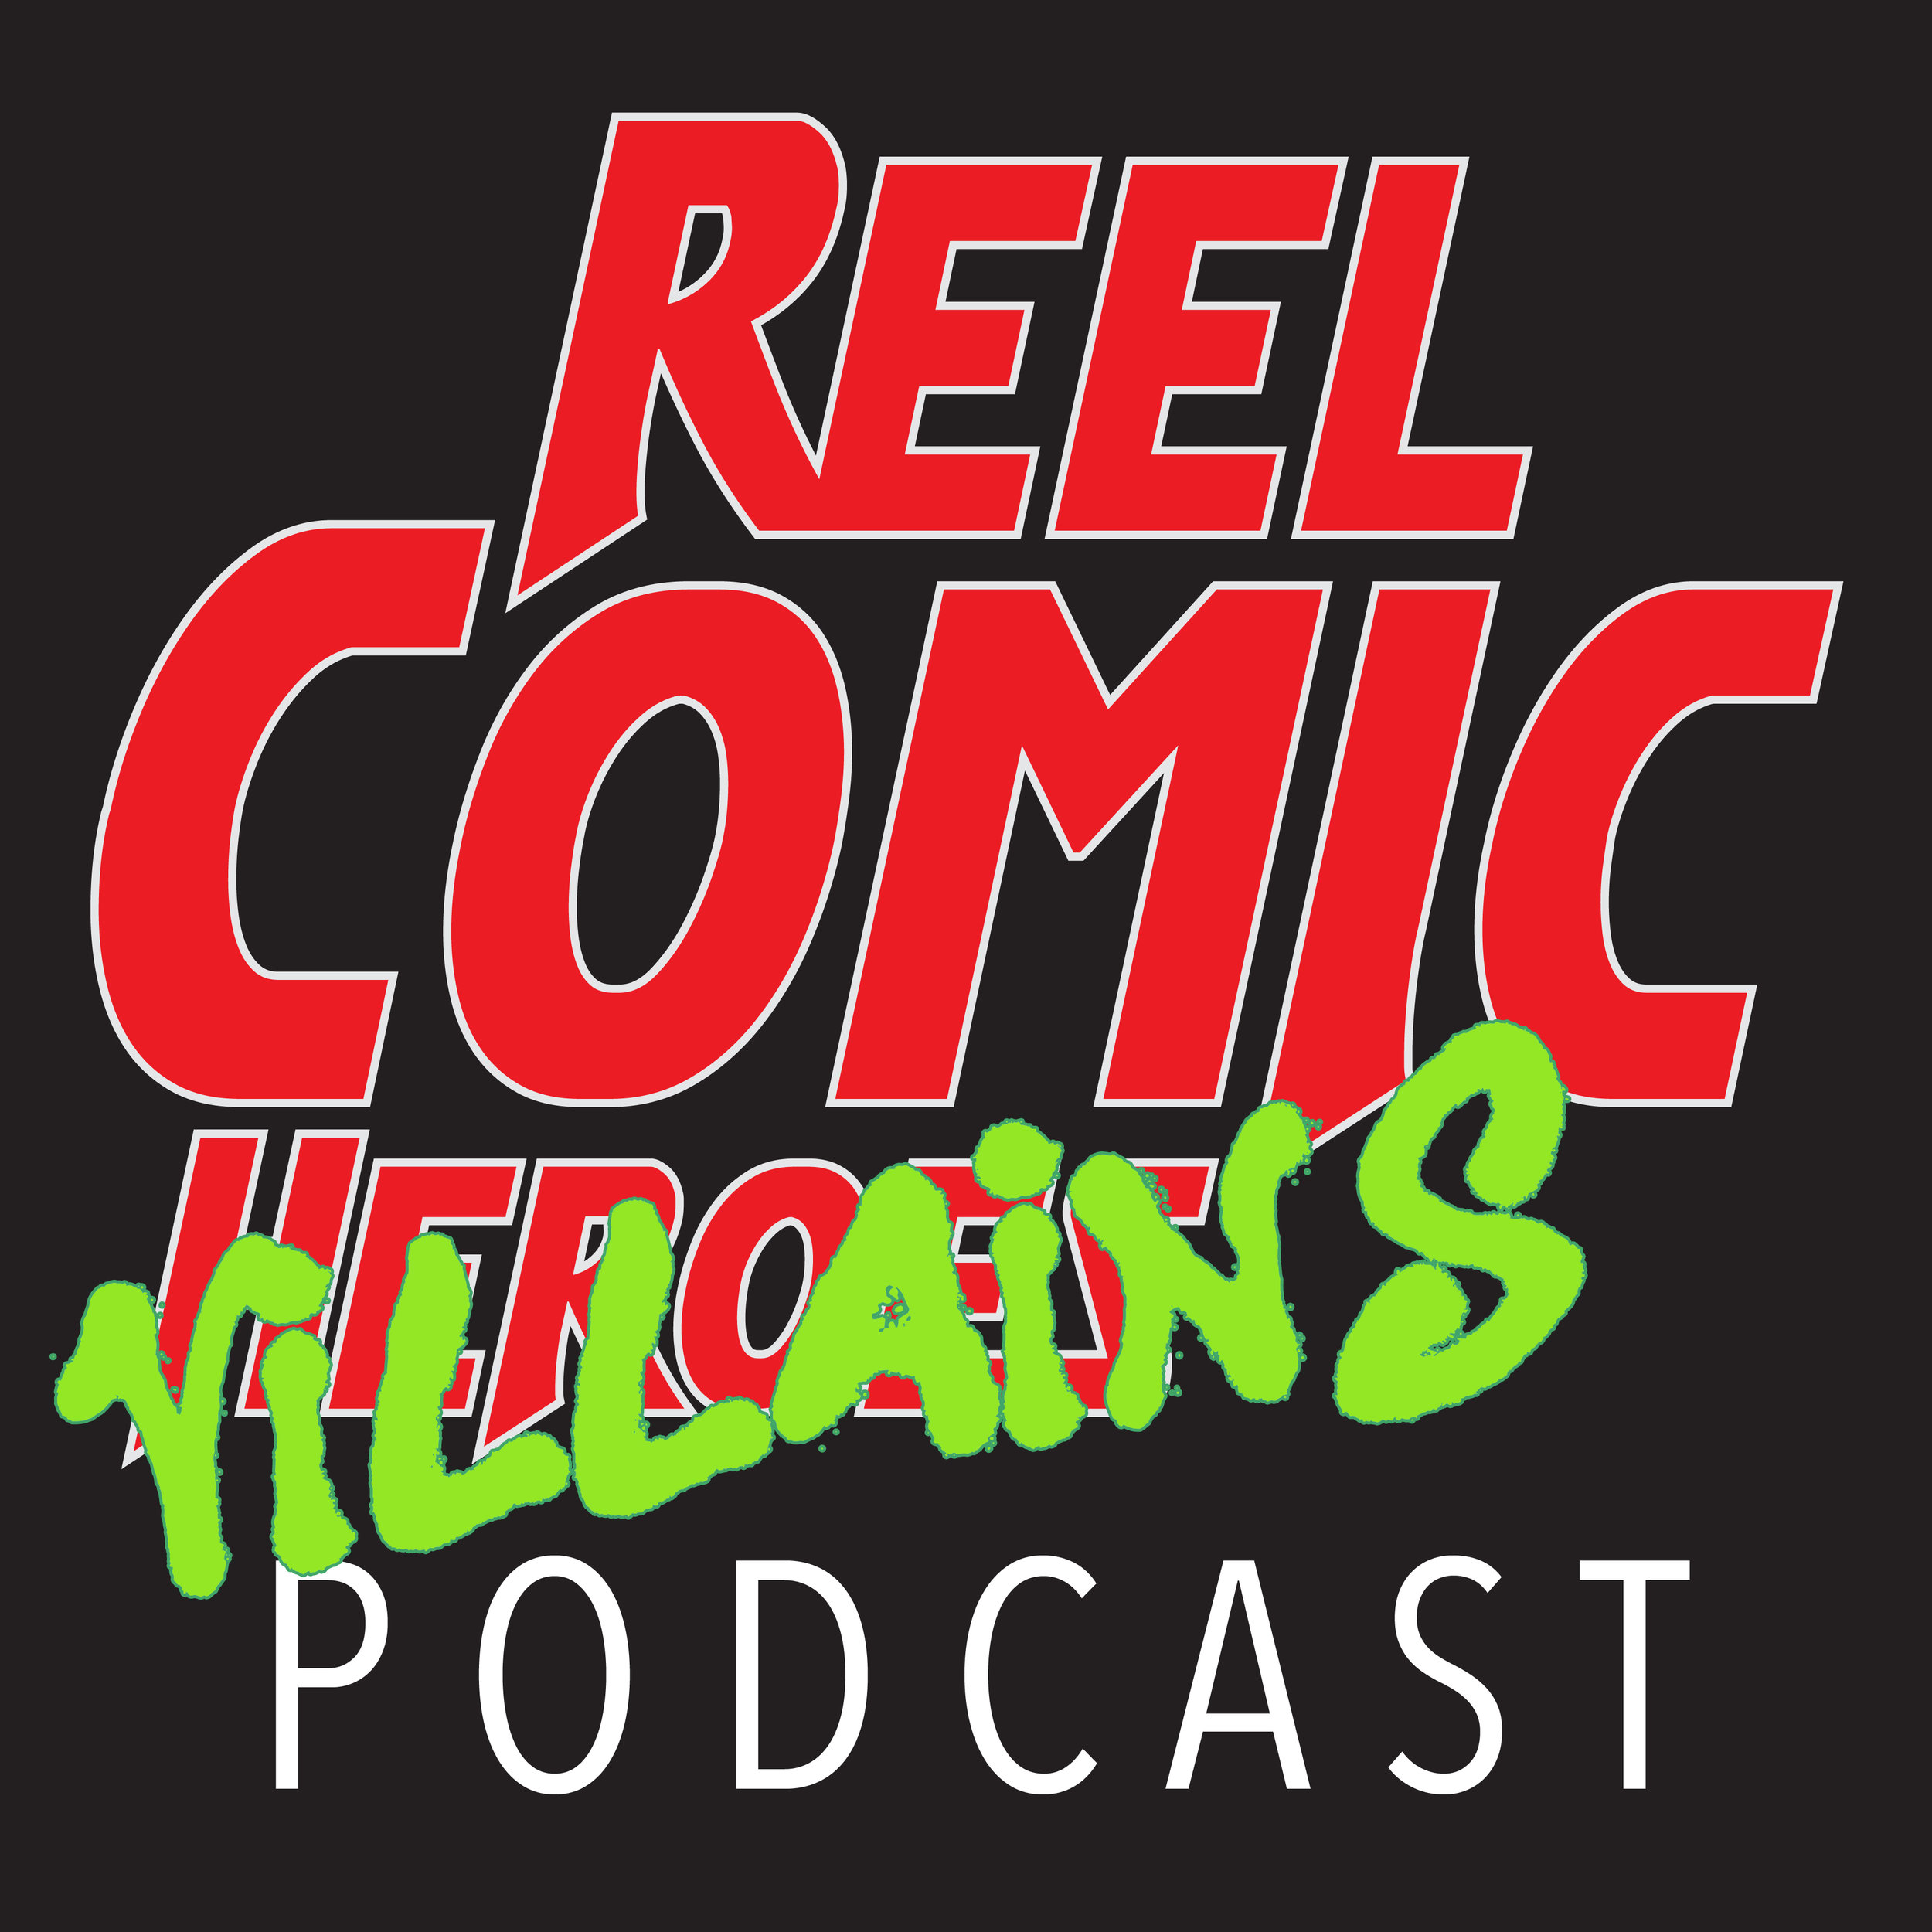 reelComicVillains_logo_podcastArt.jpg